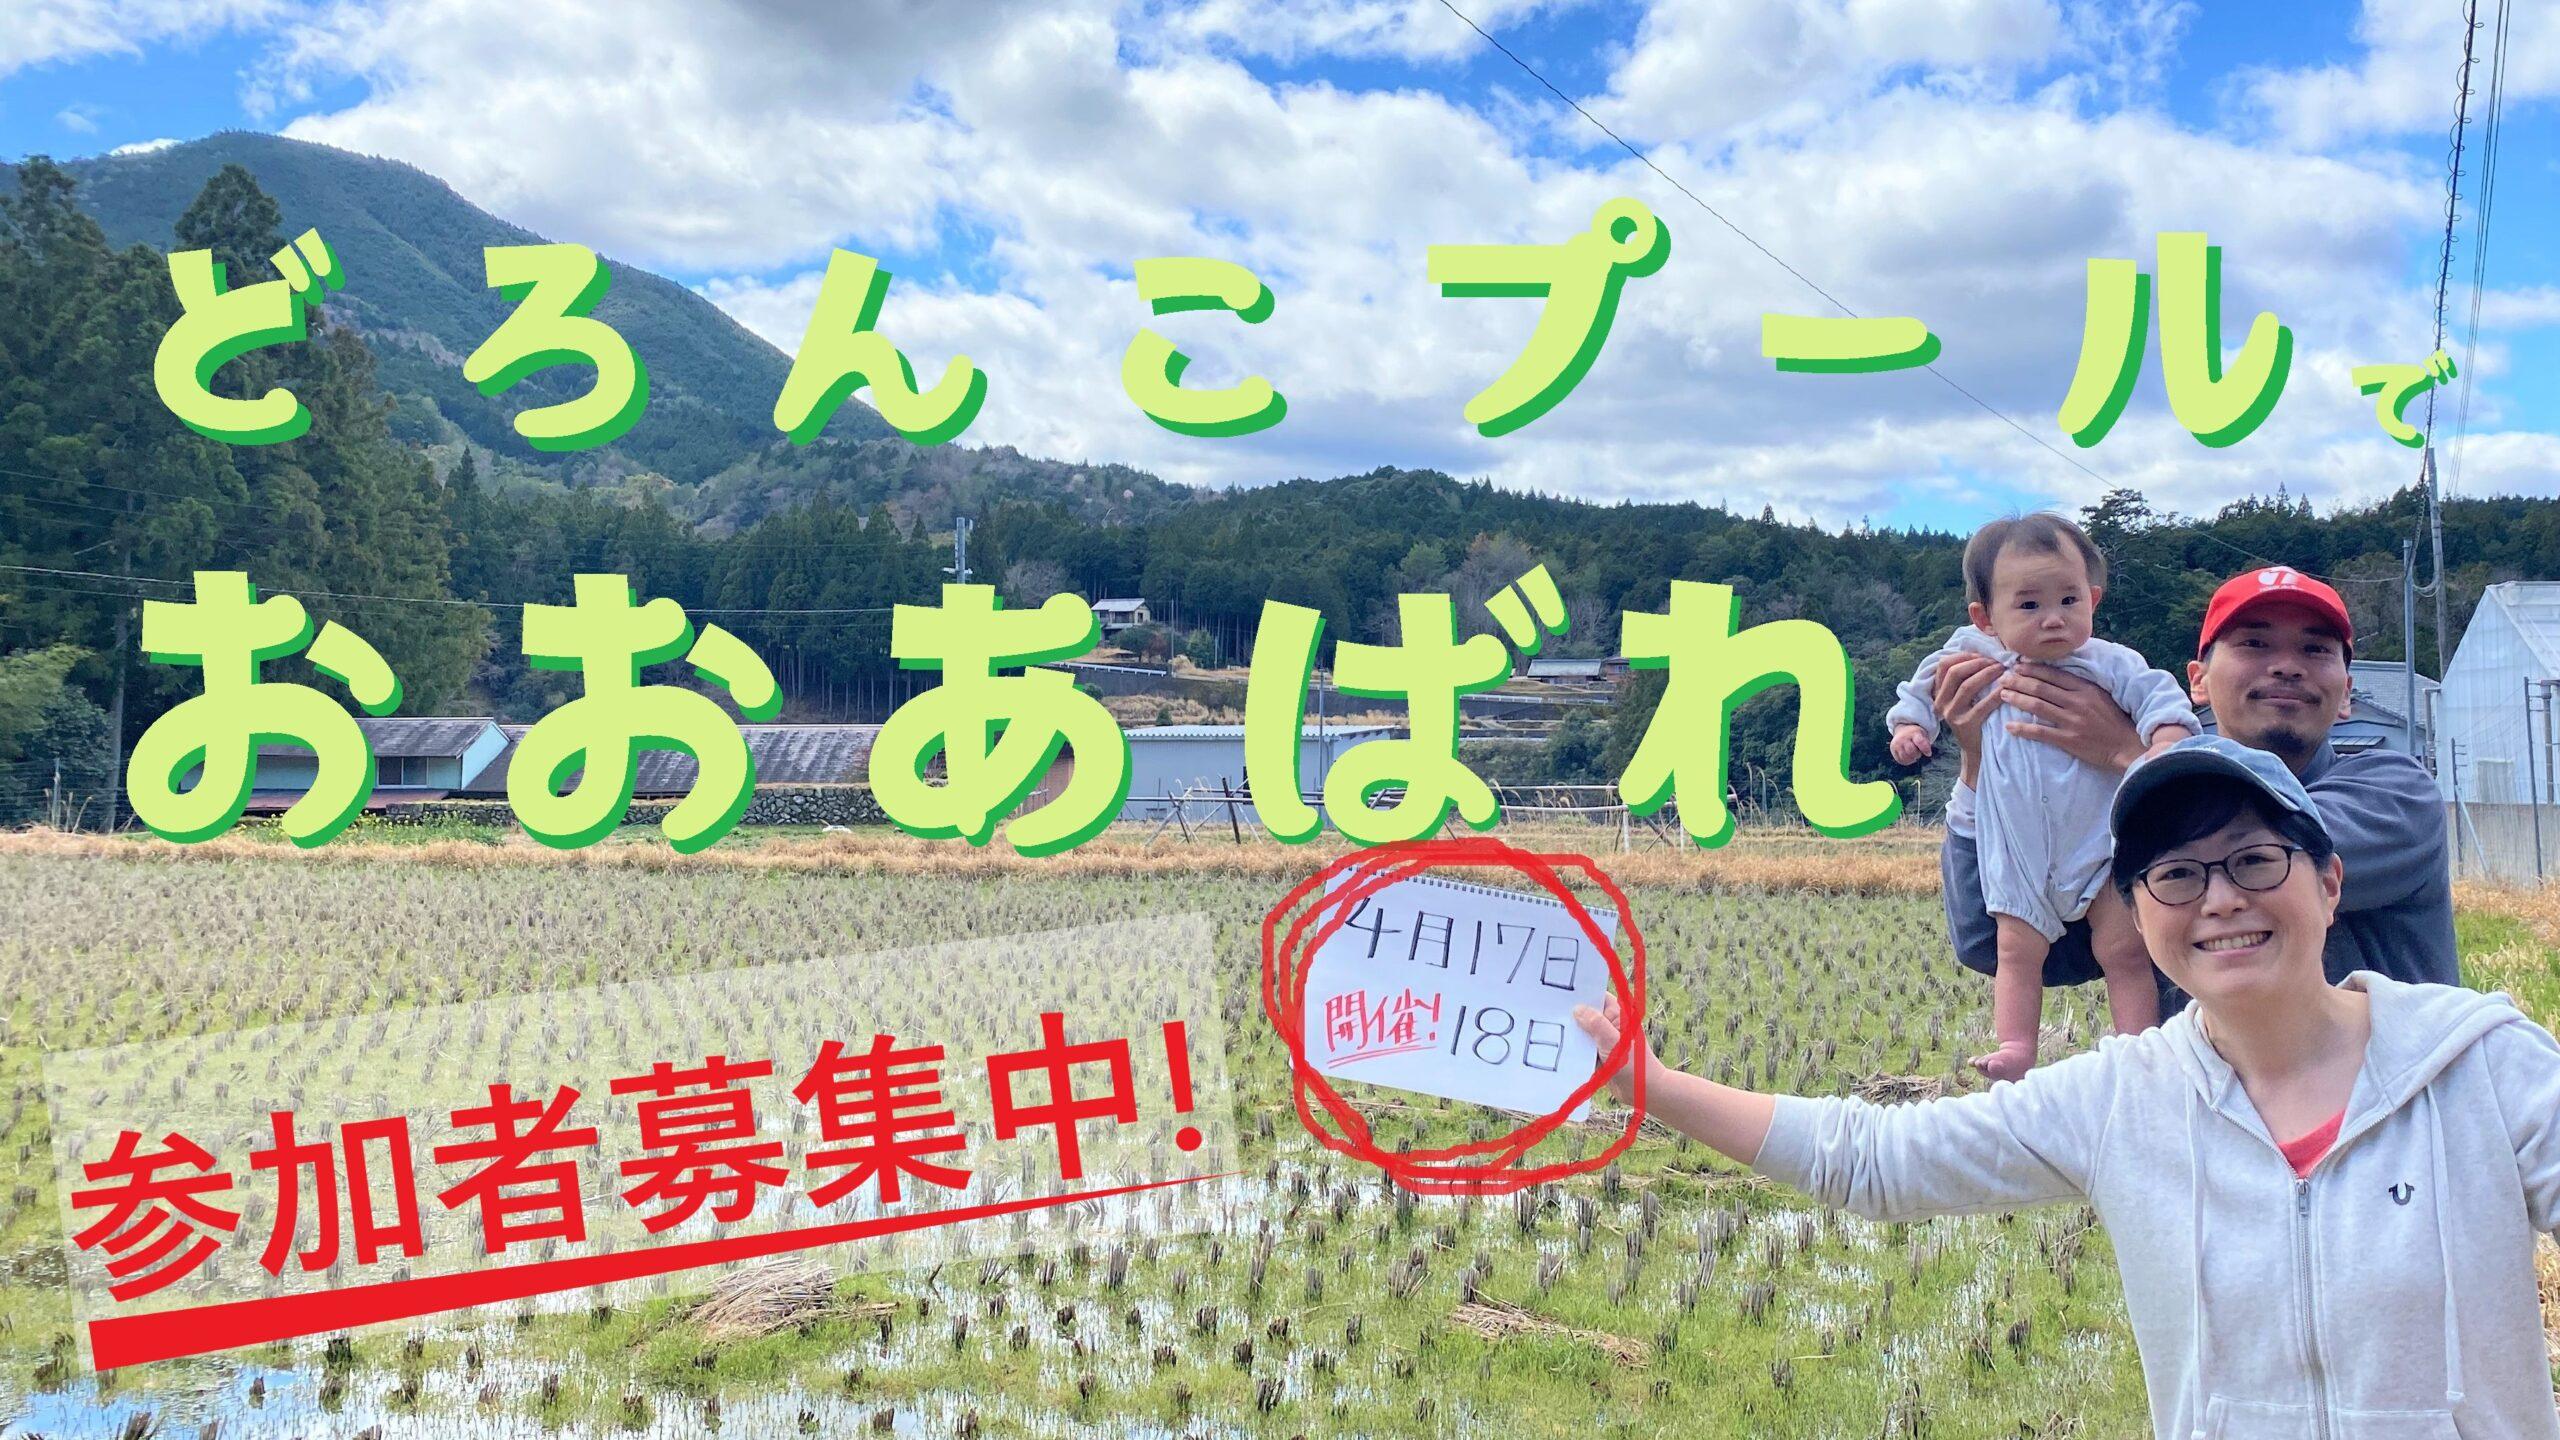 熊野の遊び場 irokumakids 鬼ヶ城